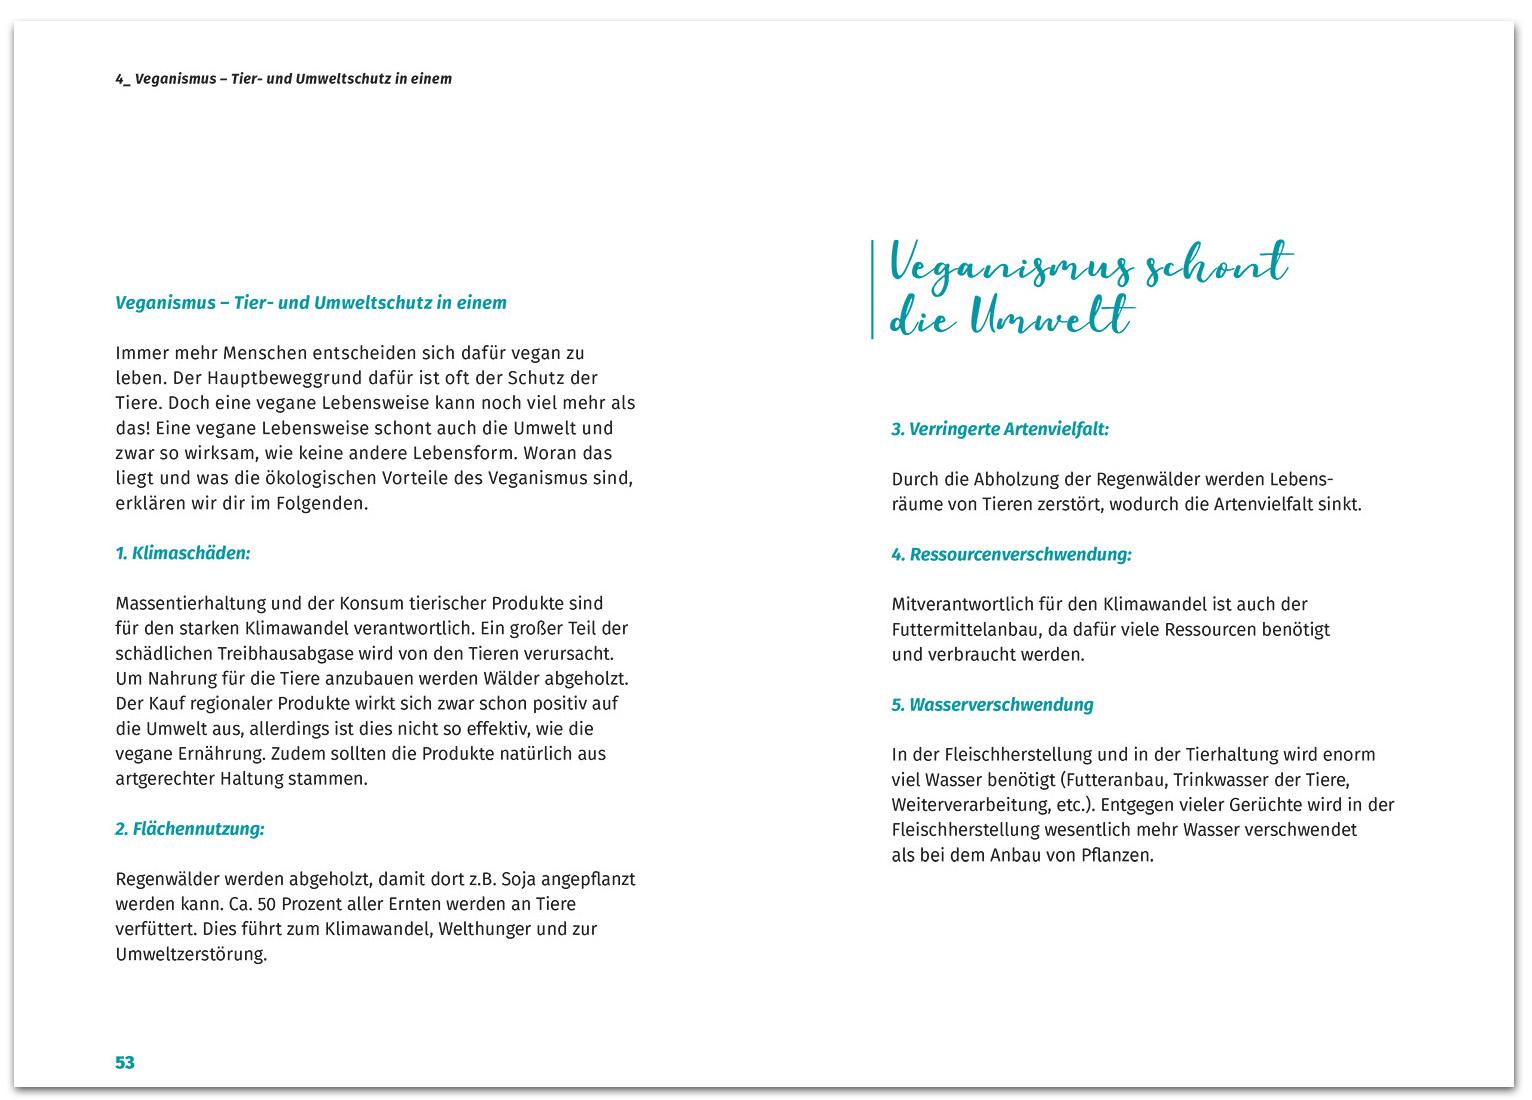 inWasteigation_Buchinhalt_Datei.indd